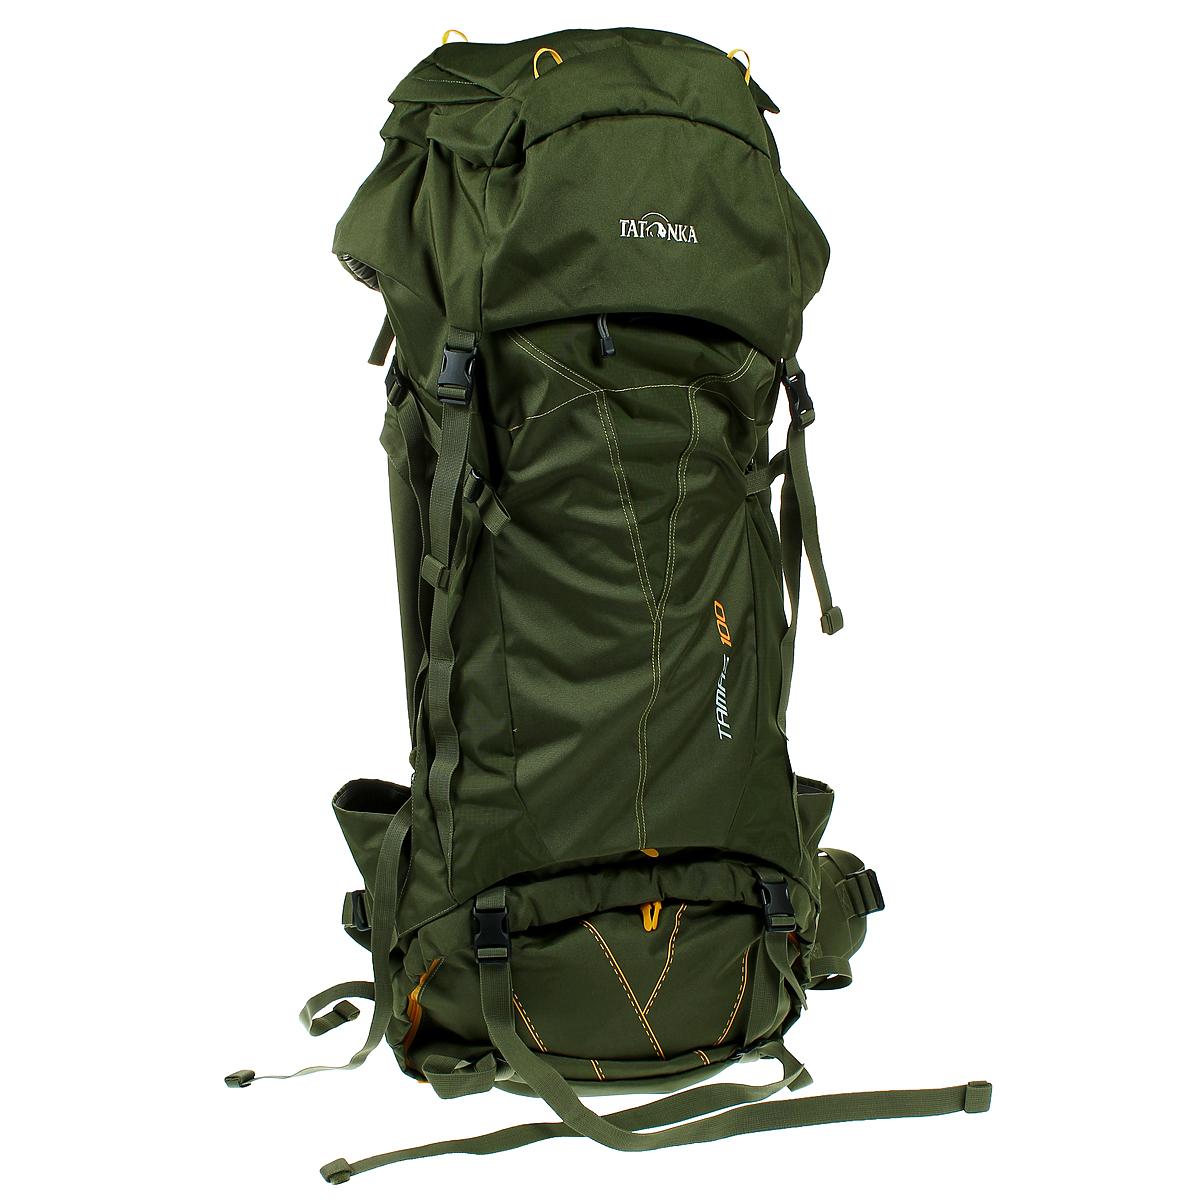 Туристический рюкзак Tatonka TAMAS 100, цвет: темно-зеленый6027.036Вместительный рюкзак Tatonka TAMAS 100 - это отличный выбор для походов на байдарках - алюминиевые шины легко вытаскиваются из спины рюкзака и рюкзак можно компактно сложить и убрать в лодку. Особенности рюкзака: Подвеска: Y1 Материал: Textreme 6.6 Система переноски: Y1 Широкий поясной ремень Лямки регулируются по высоте, длине и плотности прилегания к рюкзаку Крышка рюкзака регулируется по высоте.